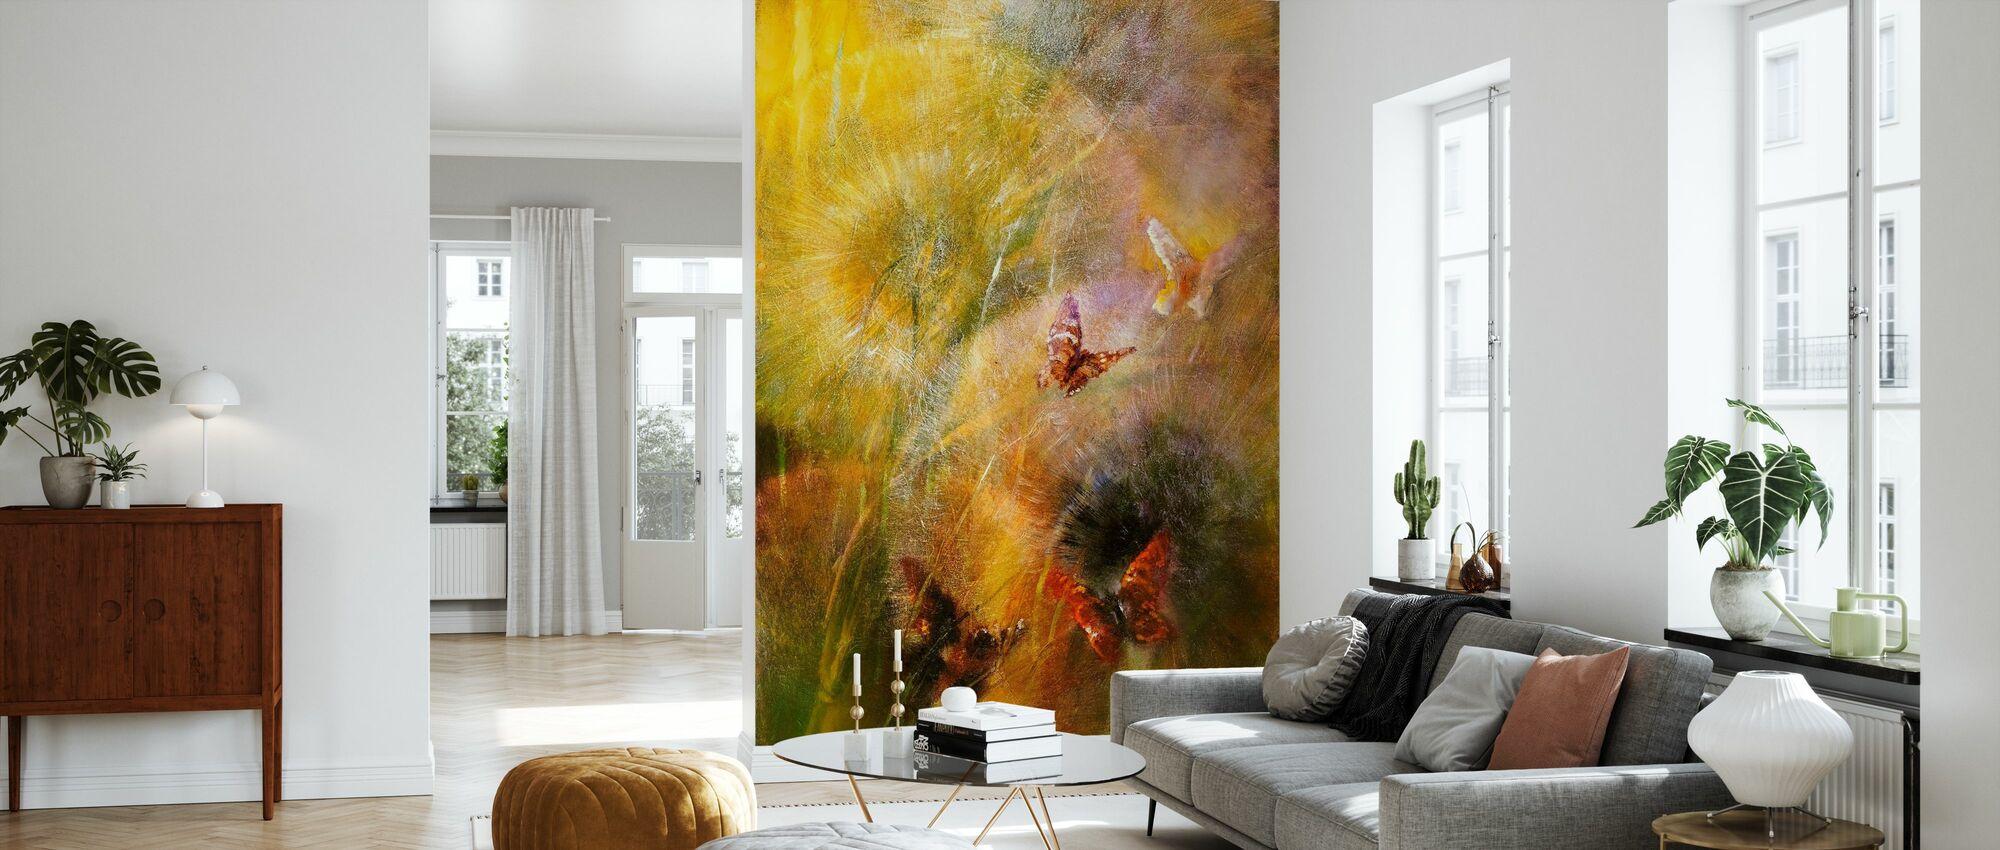 Enchants - Wallpaper - Living Room